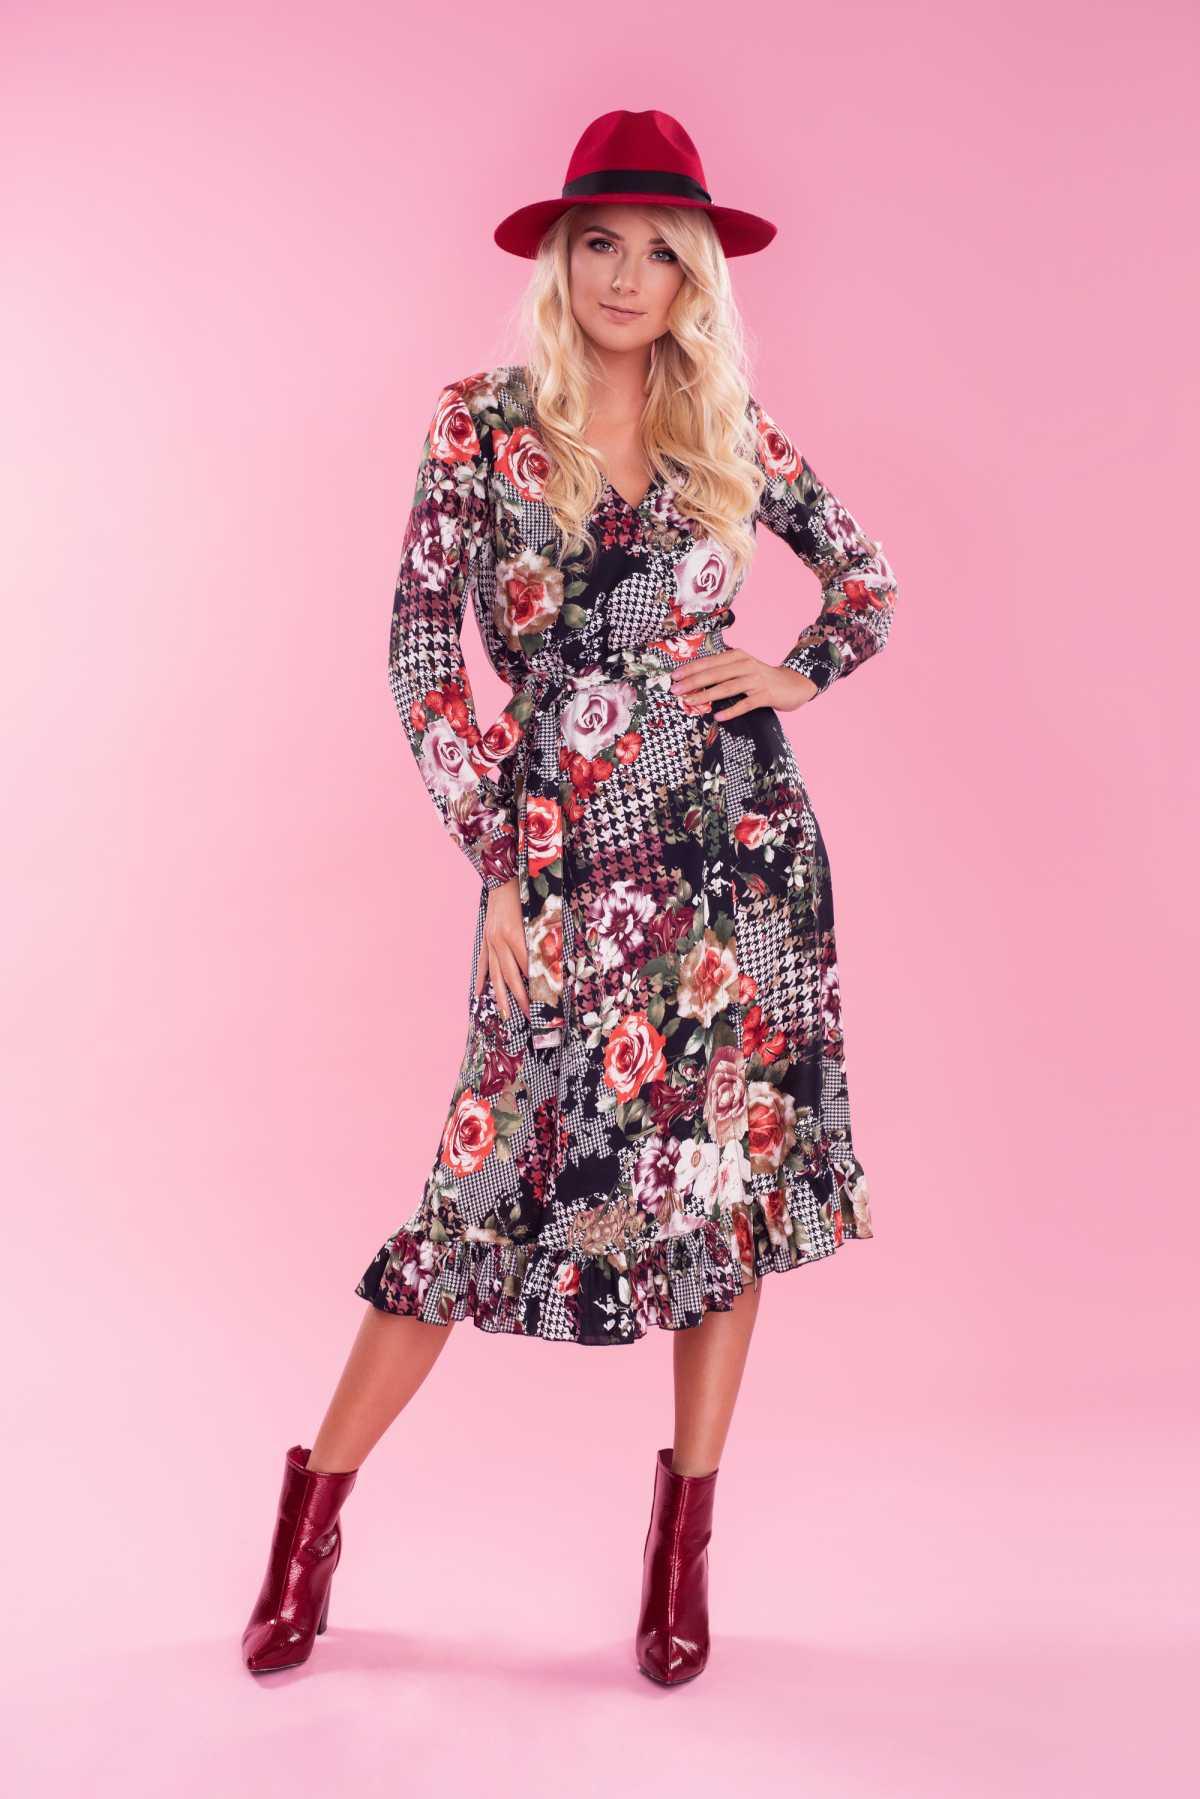 vestido fluido é um dos vestidos florais trends deste inverno